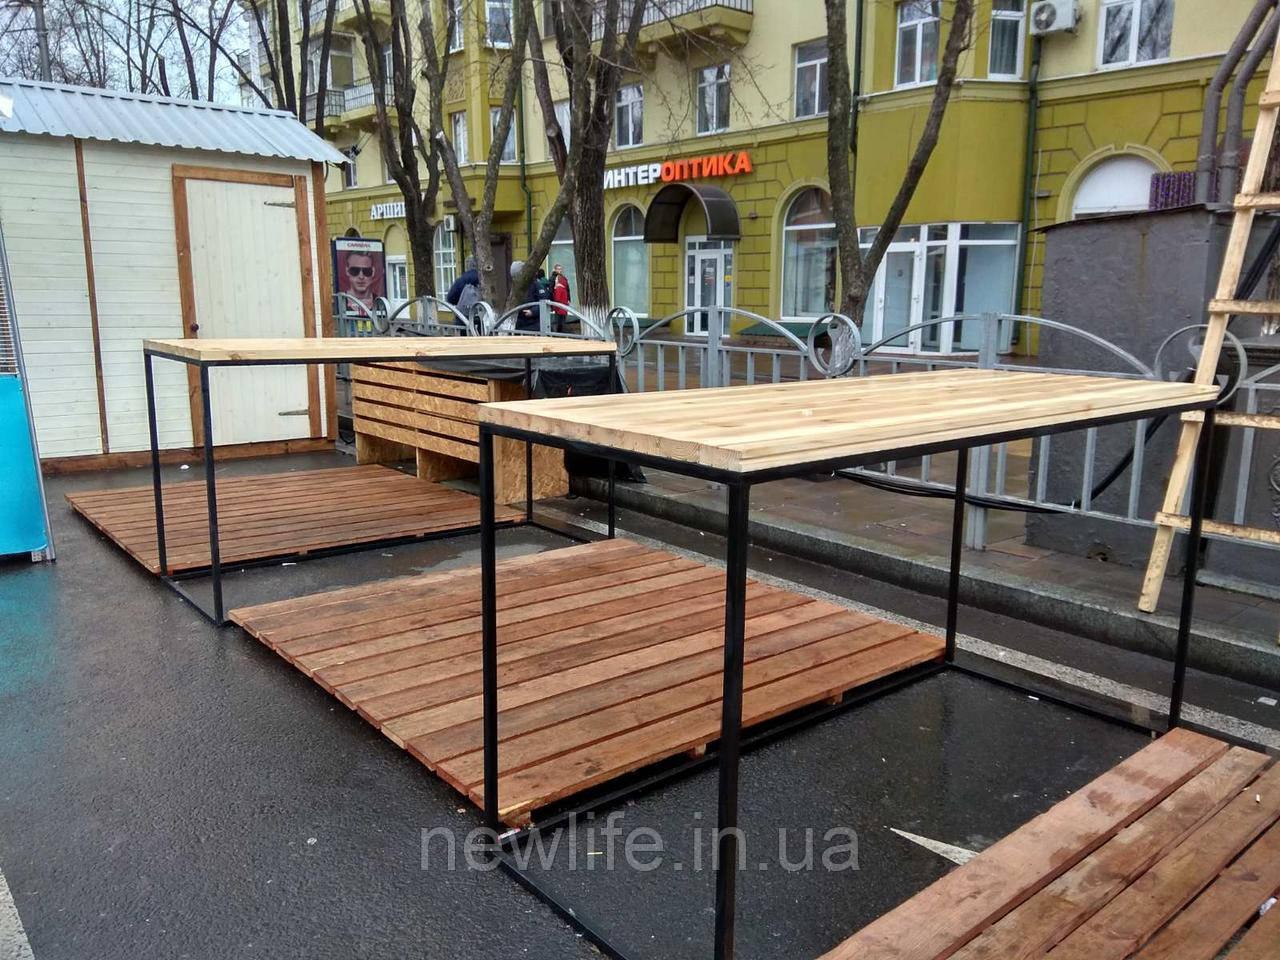 Мебель в стиле Лофт для баров